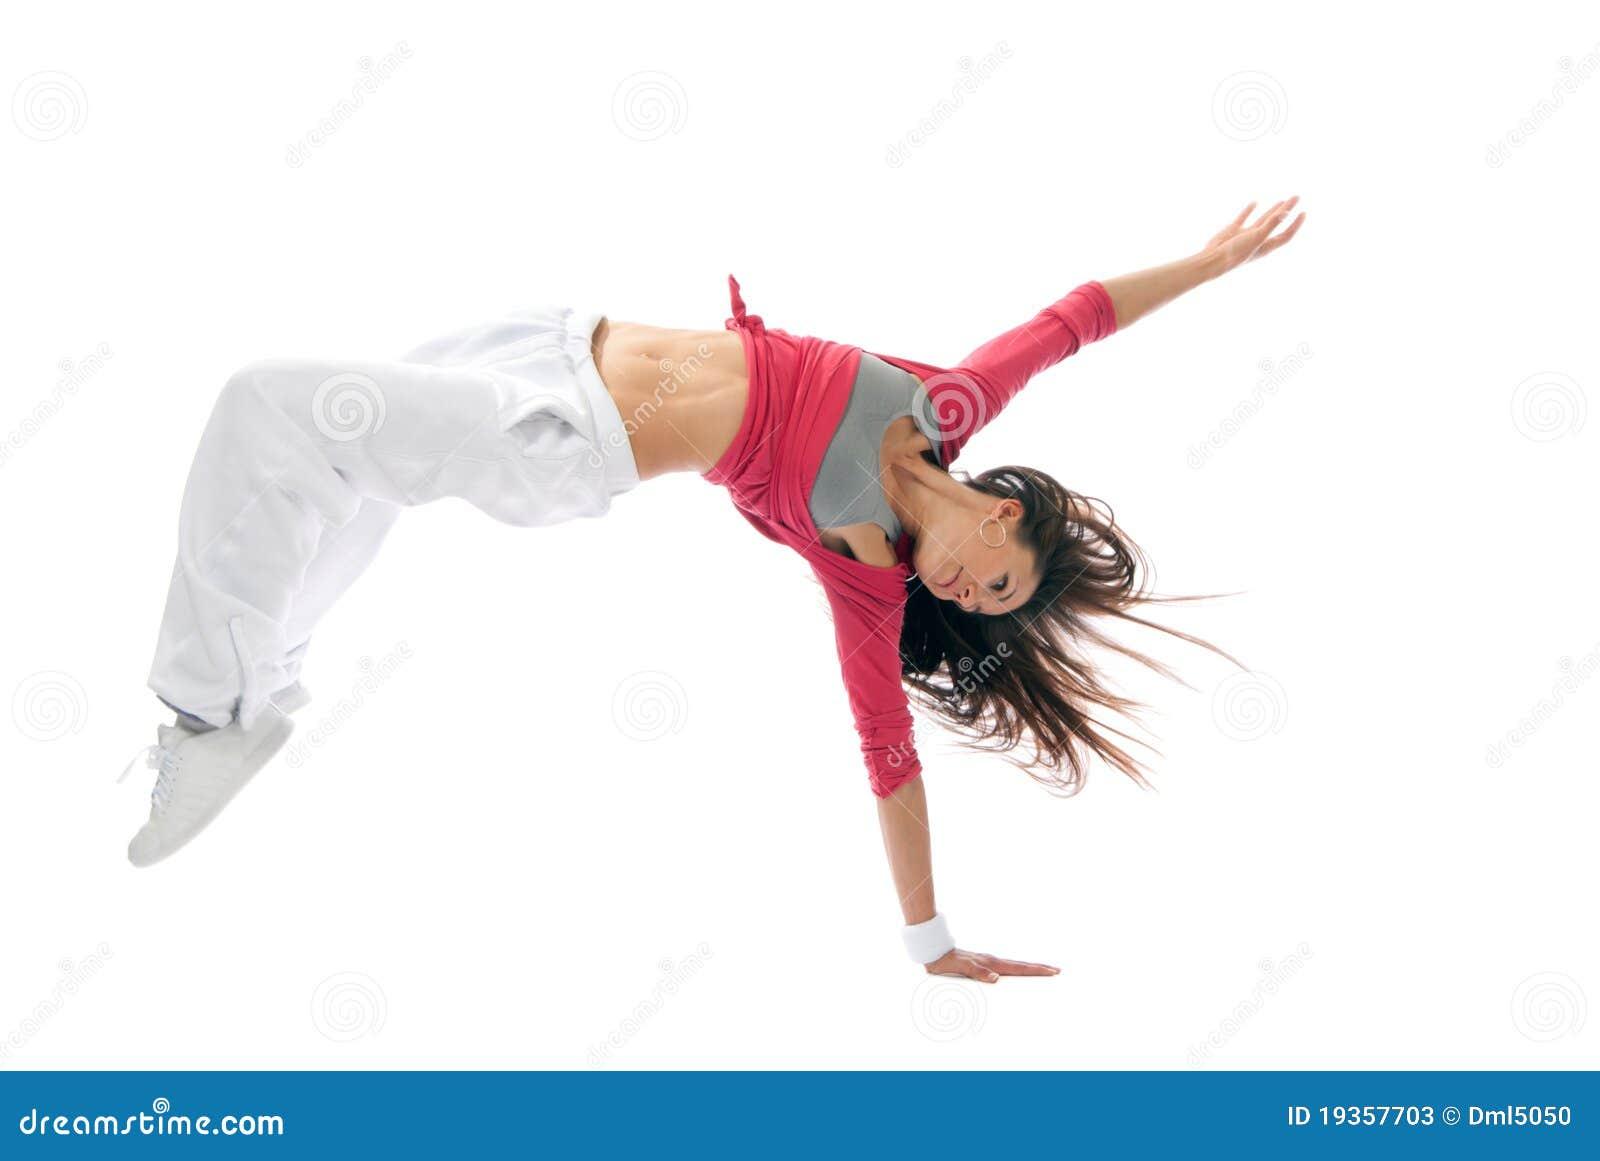 Dança de ruptura moderna do dançarino da mulher do estilo de hip-hop